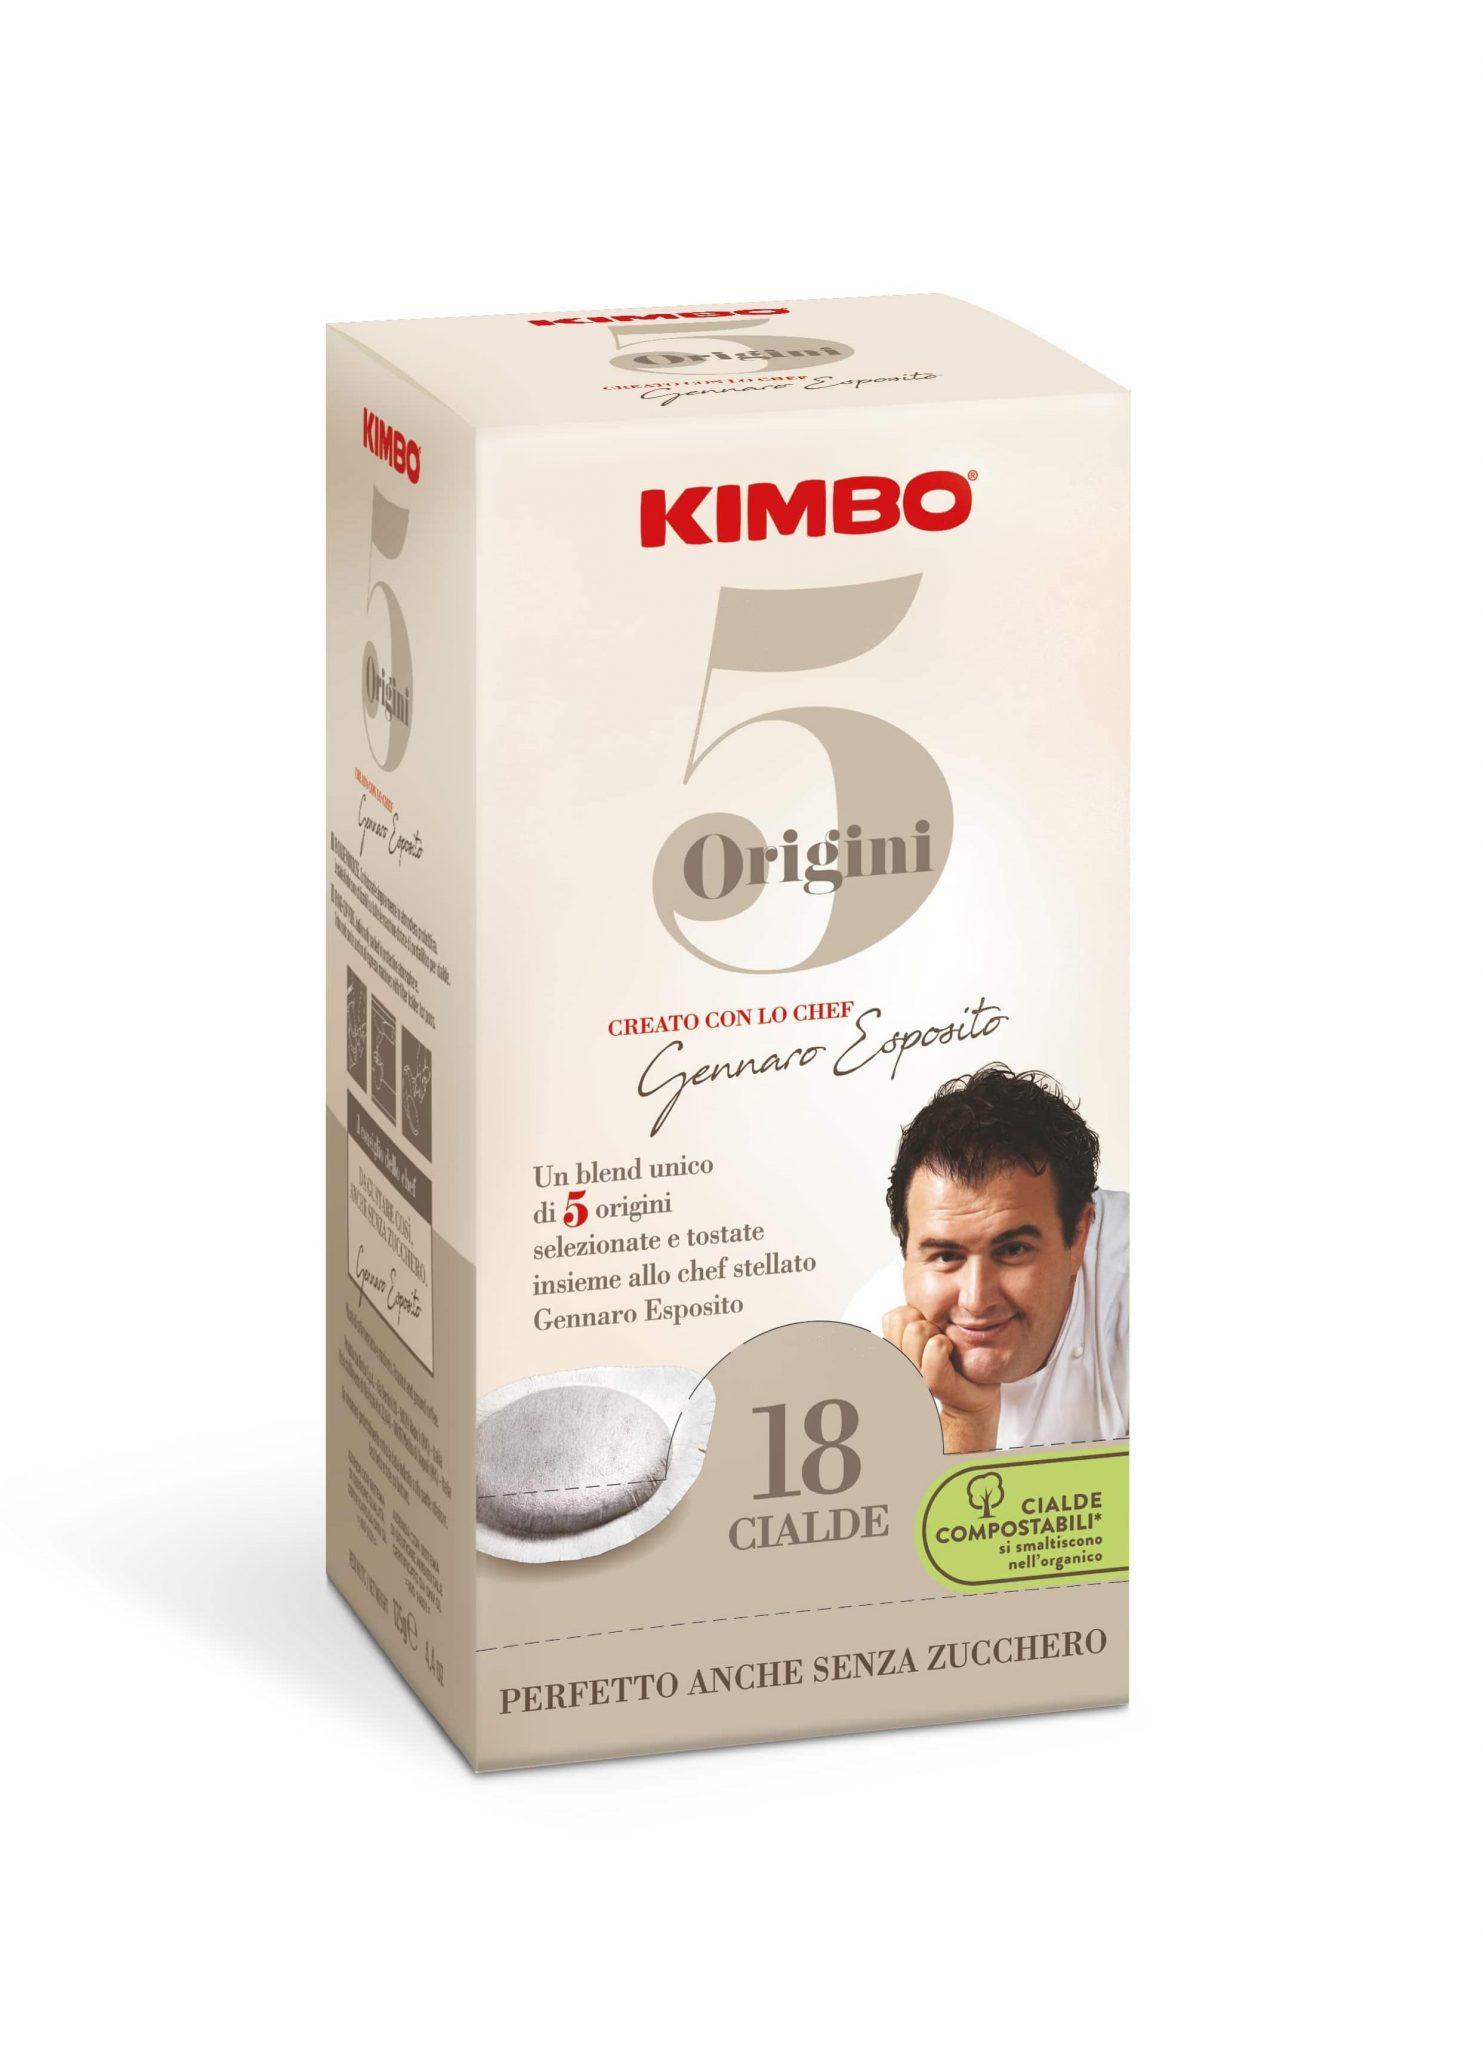 Kimbo 5 Origini 100% Арабика Кафе Дози 18 бр.